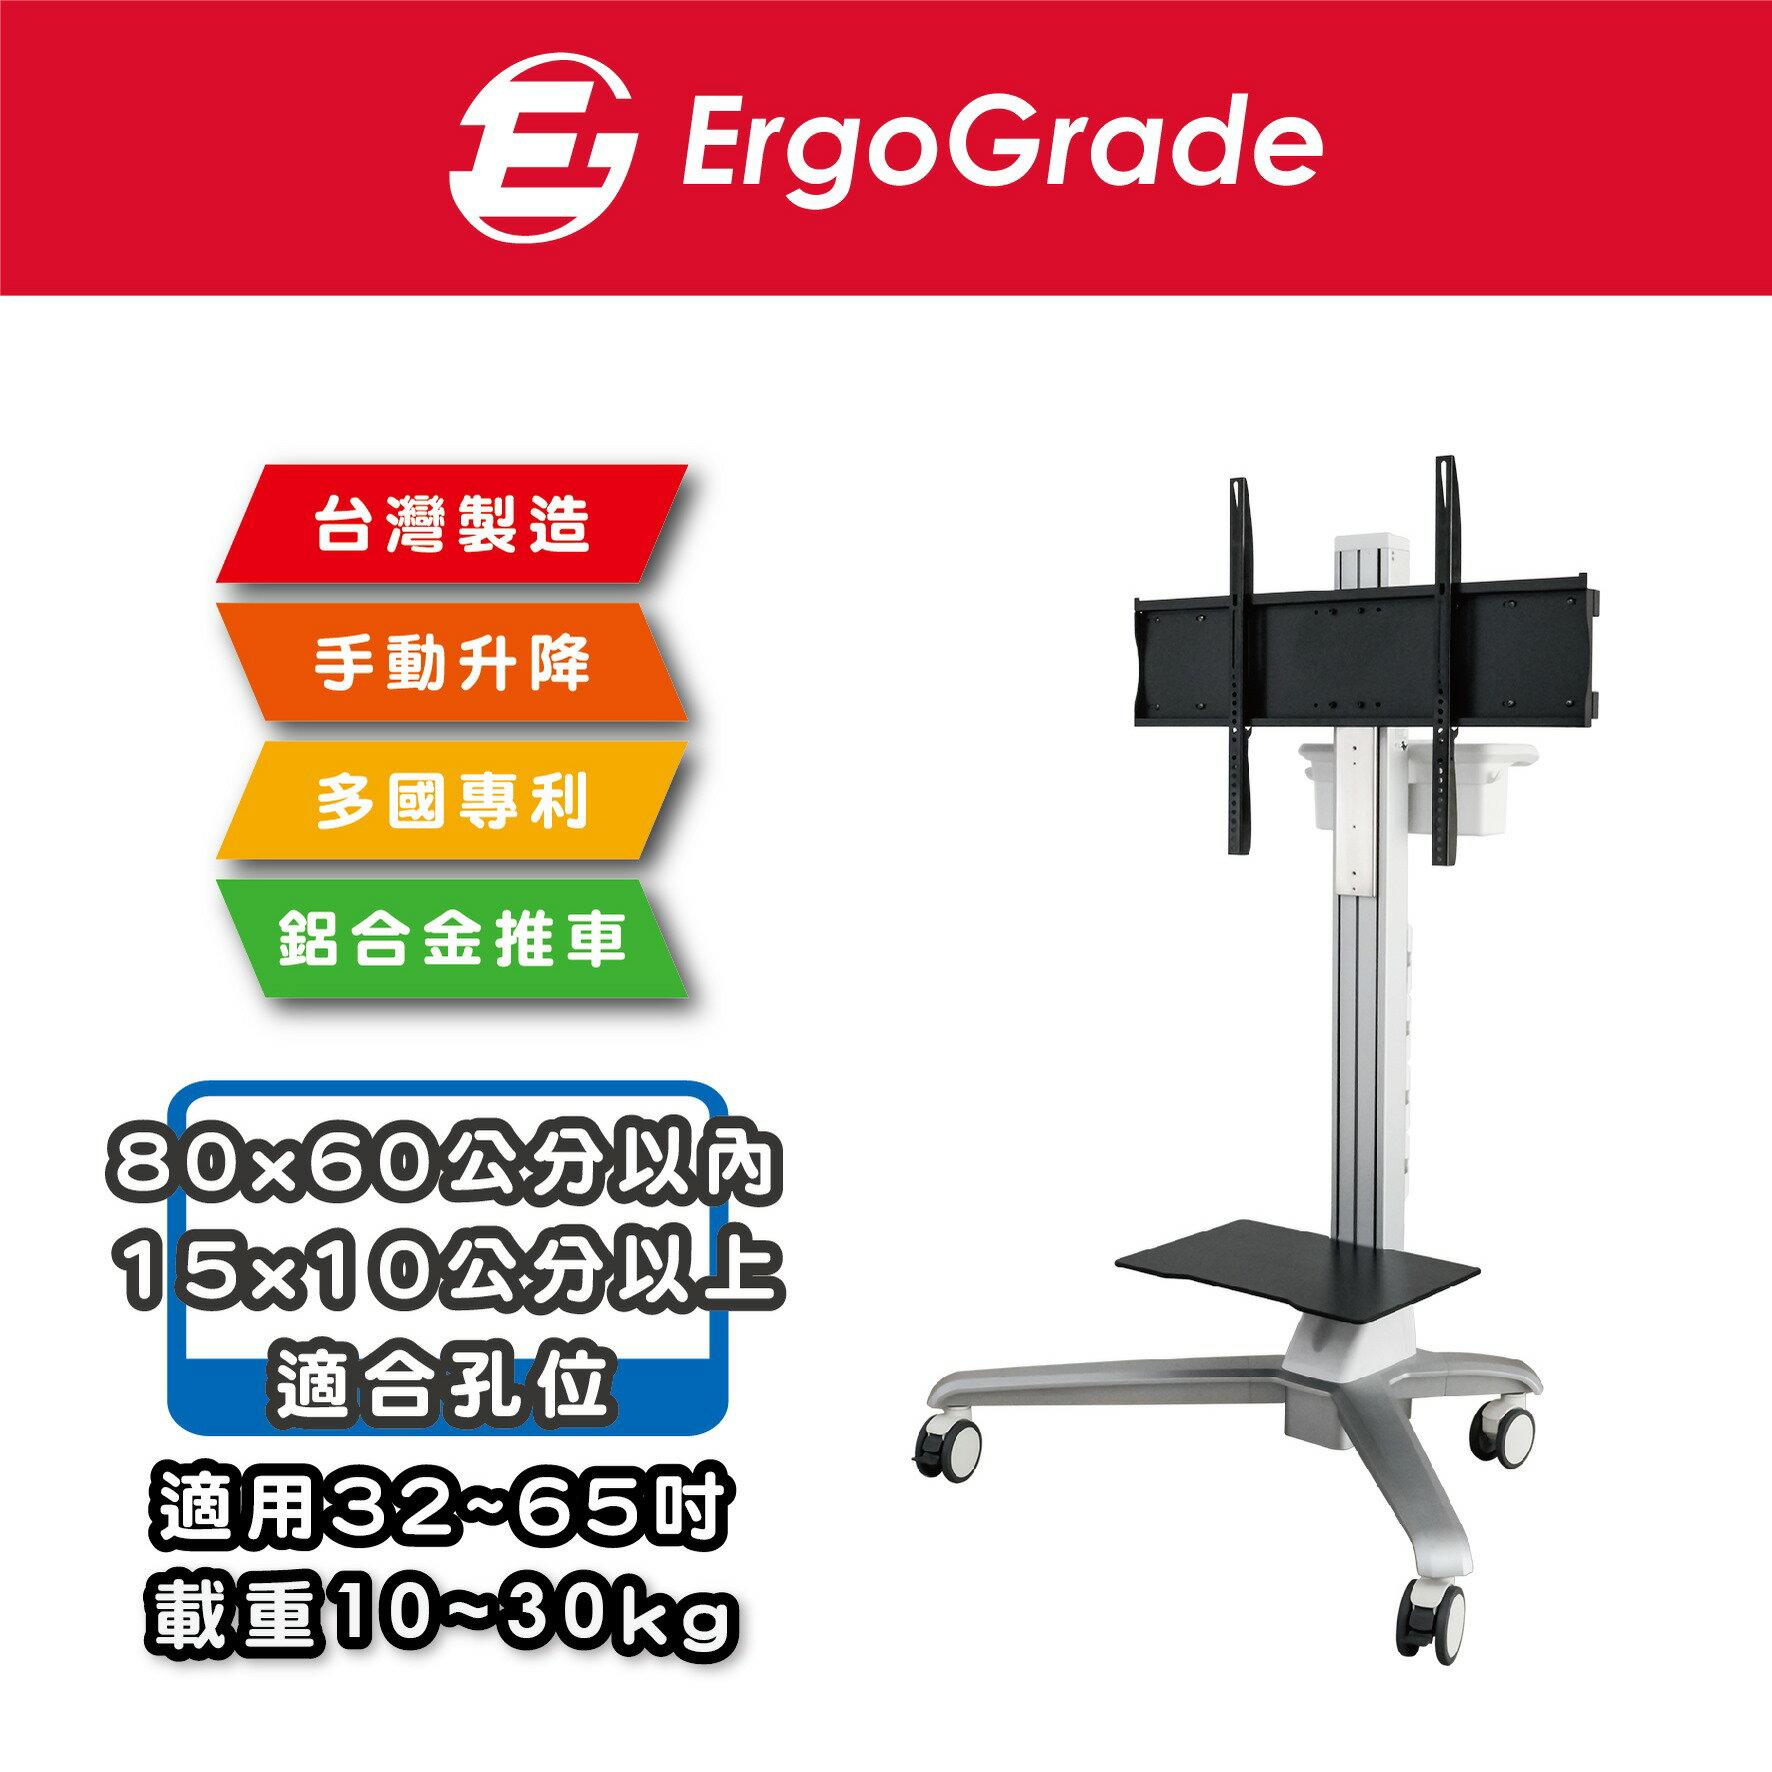 鋁合金手動升降電視推車(EGCT860)/電視移動推車/電視落地架/電視移動架/電視腳架